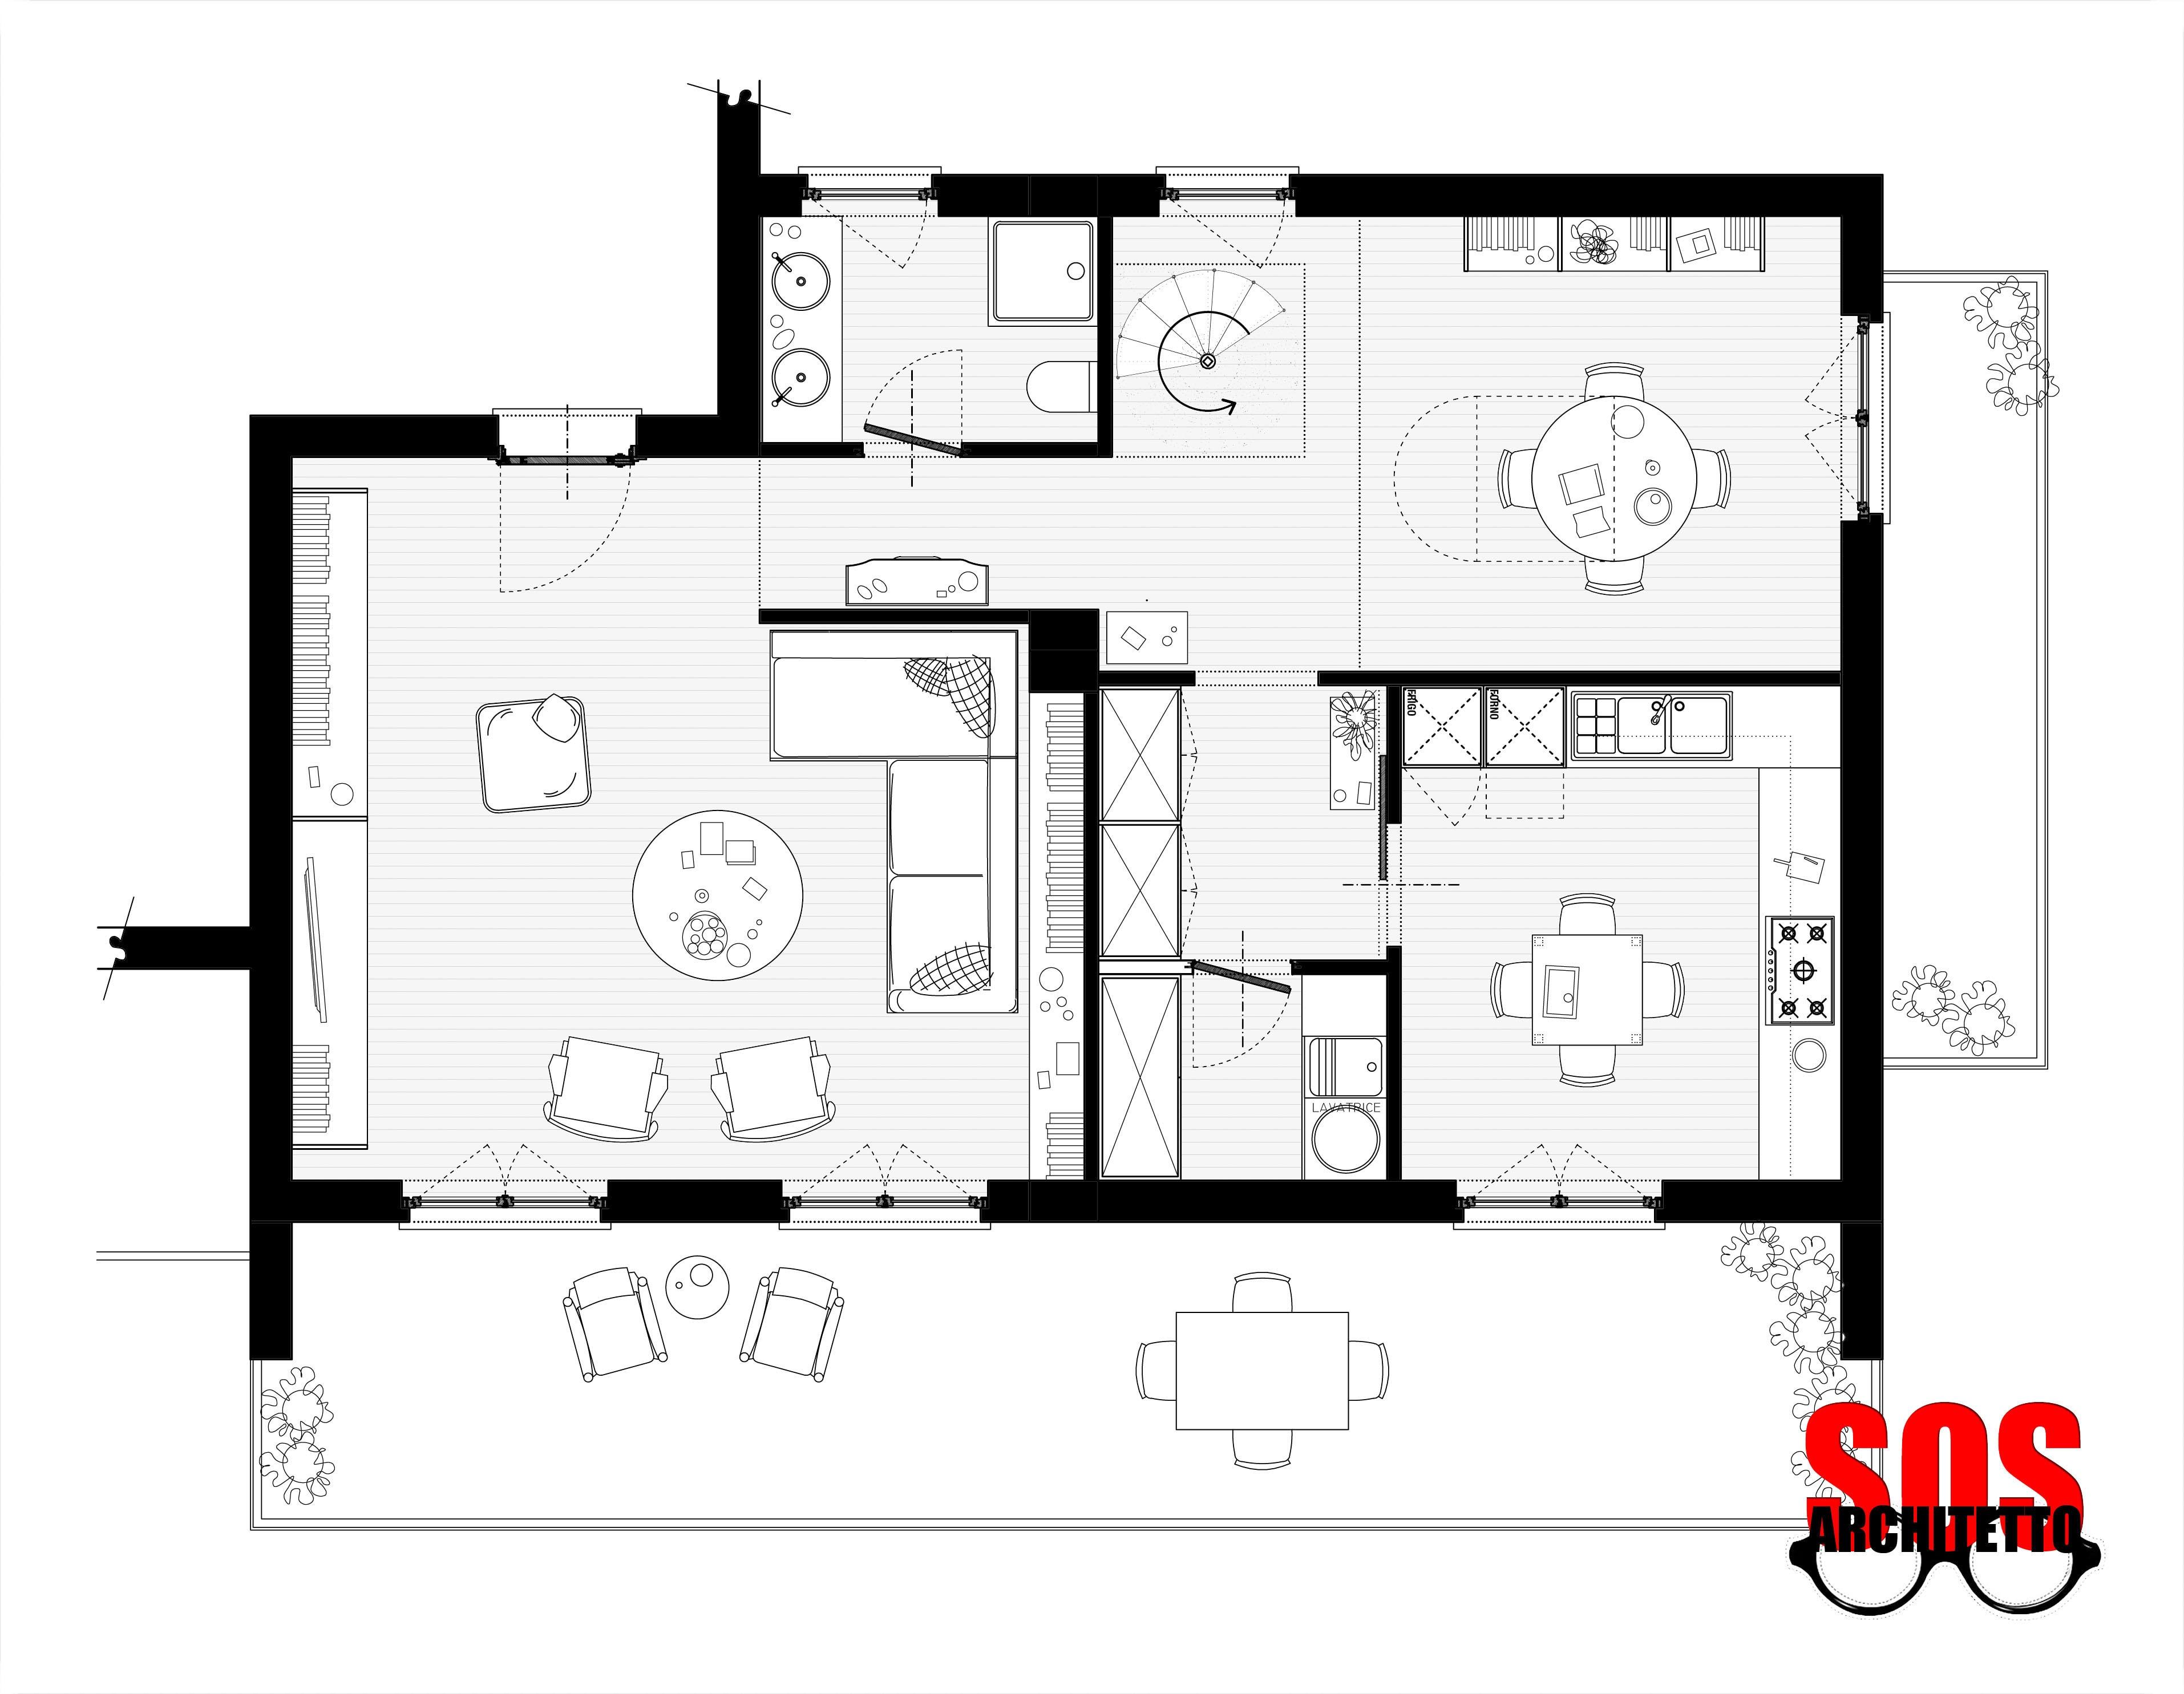 casa progetto 011 sos architetto online sos architetto